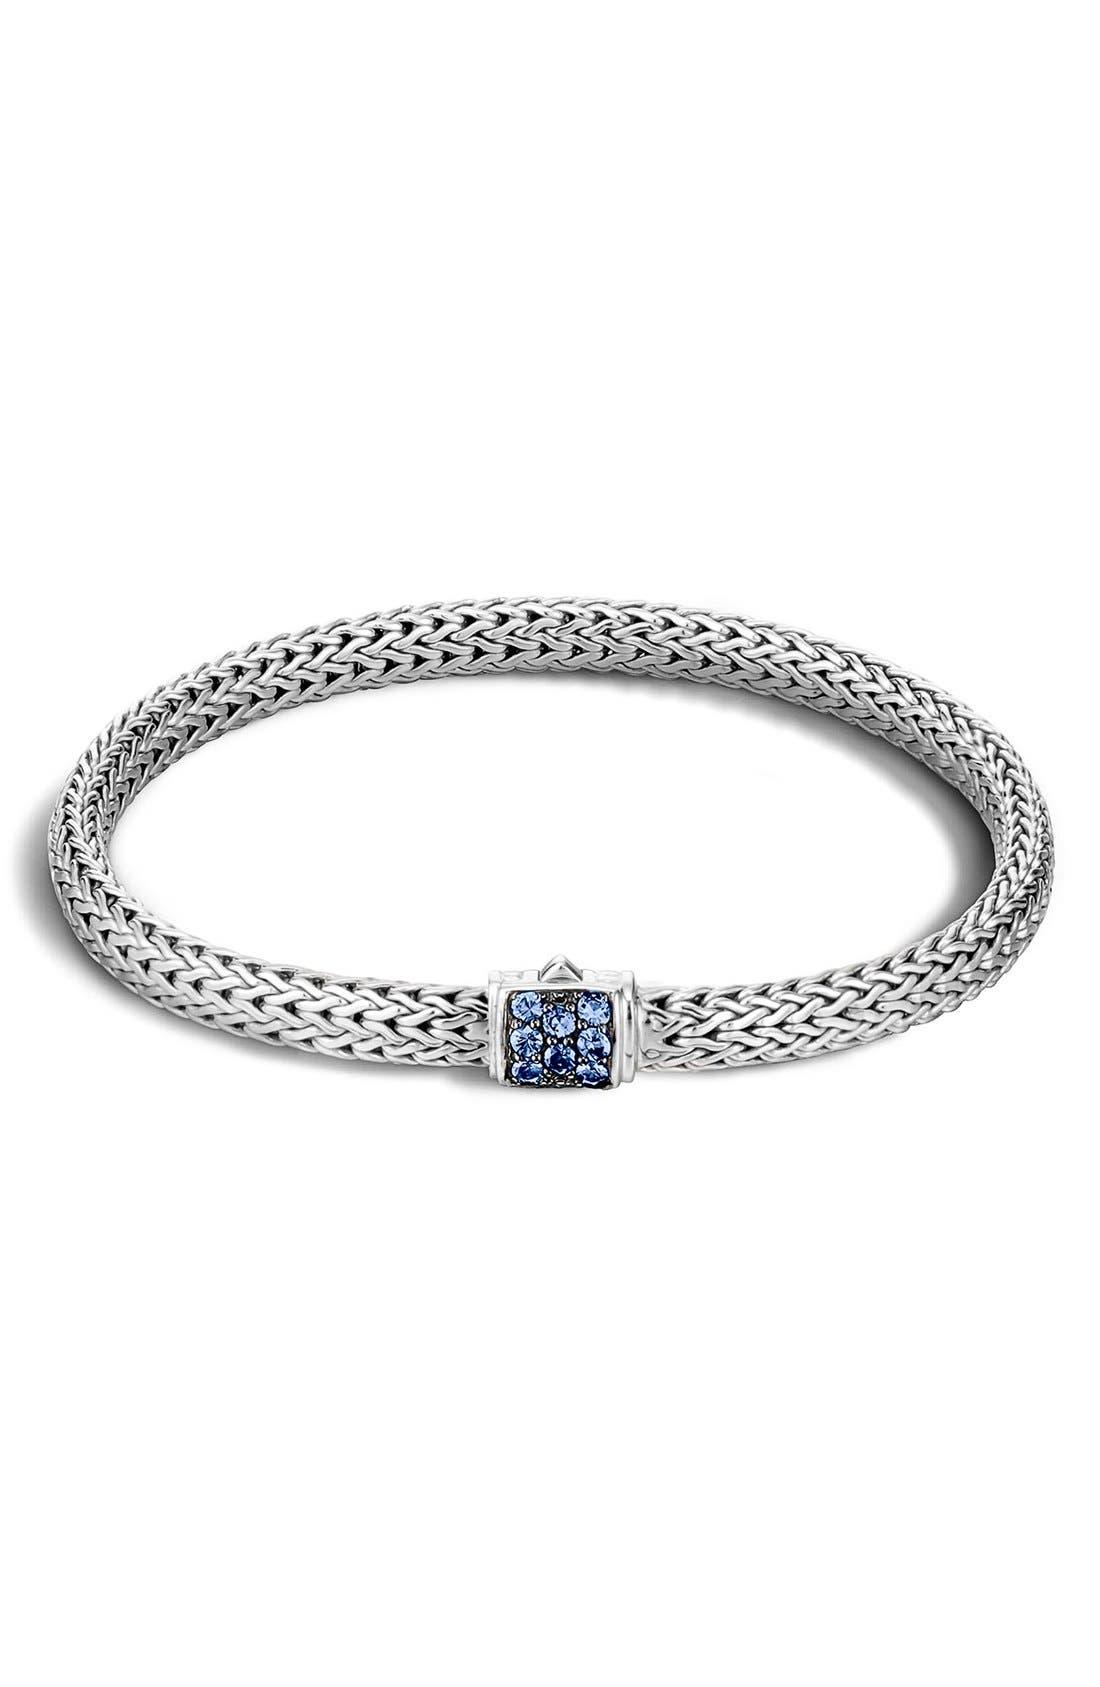 Classic Chain 5mm Bracelet,                             Main thumbnail 1, color,                             SILVER/ BLUE SAPPHIRE